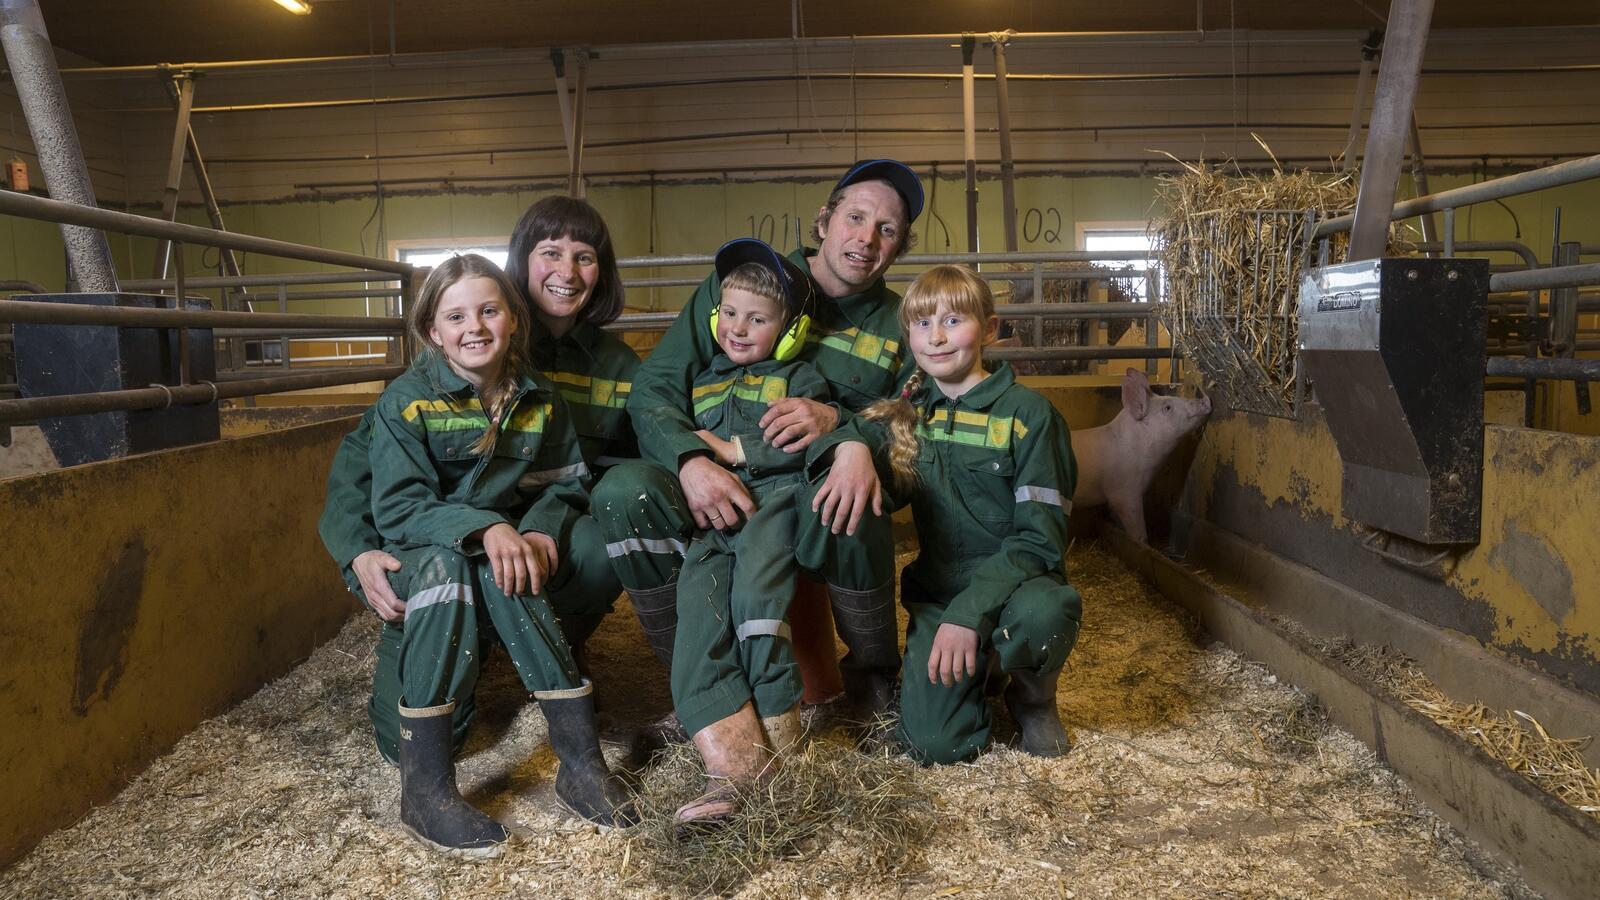 Grisebonde Maria Østerås (39) med mannen Arne Elias (41) og de tre barna Maren (12), Arne (6) og Agnes (10). Foto: Yngve Ask